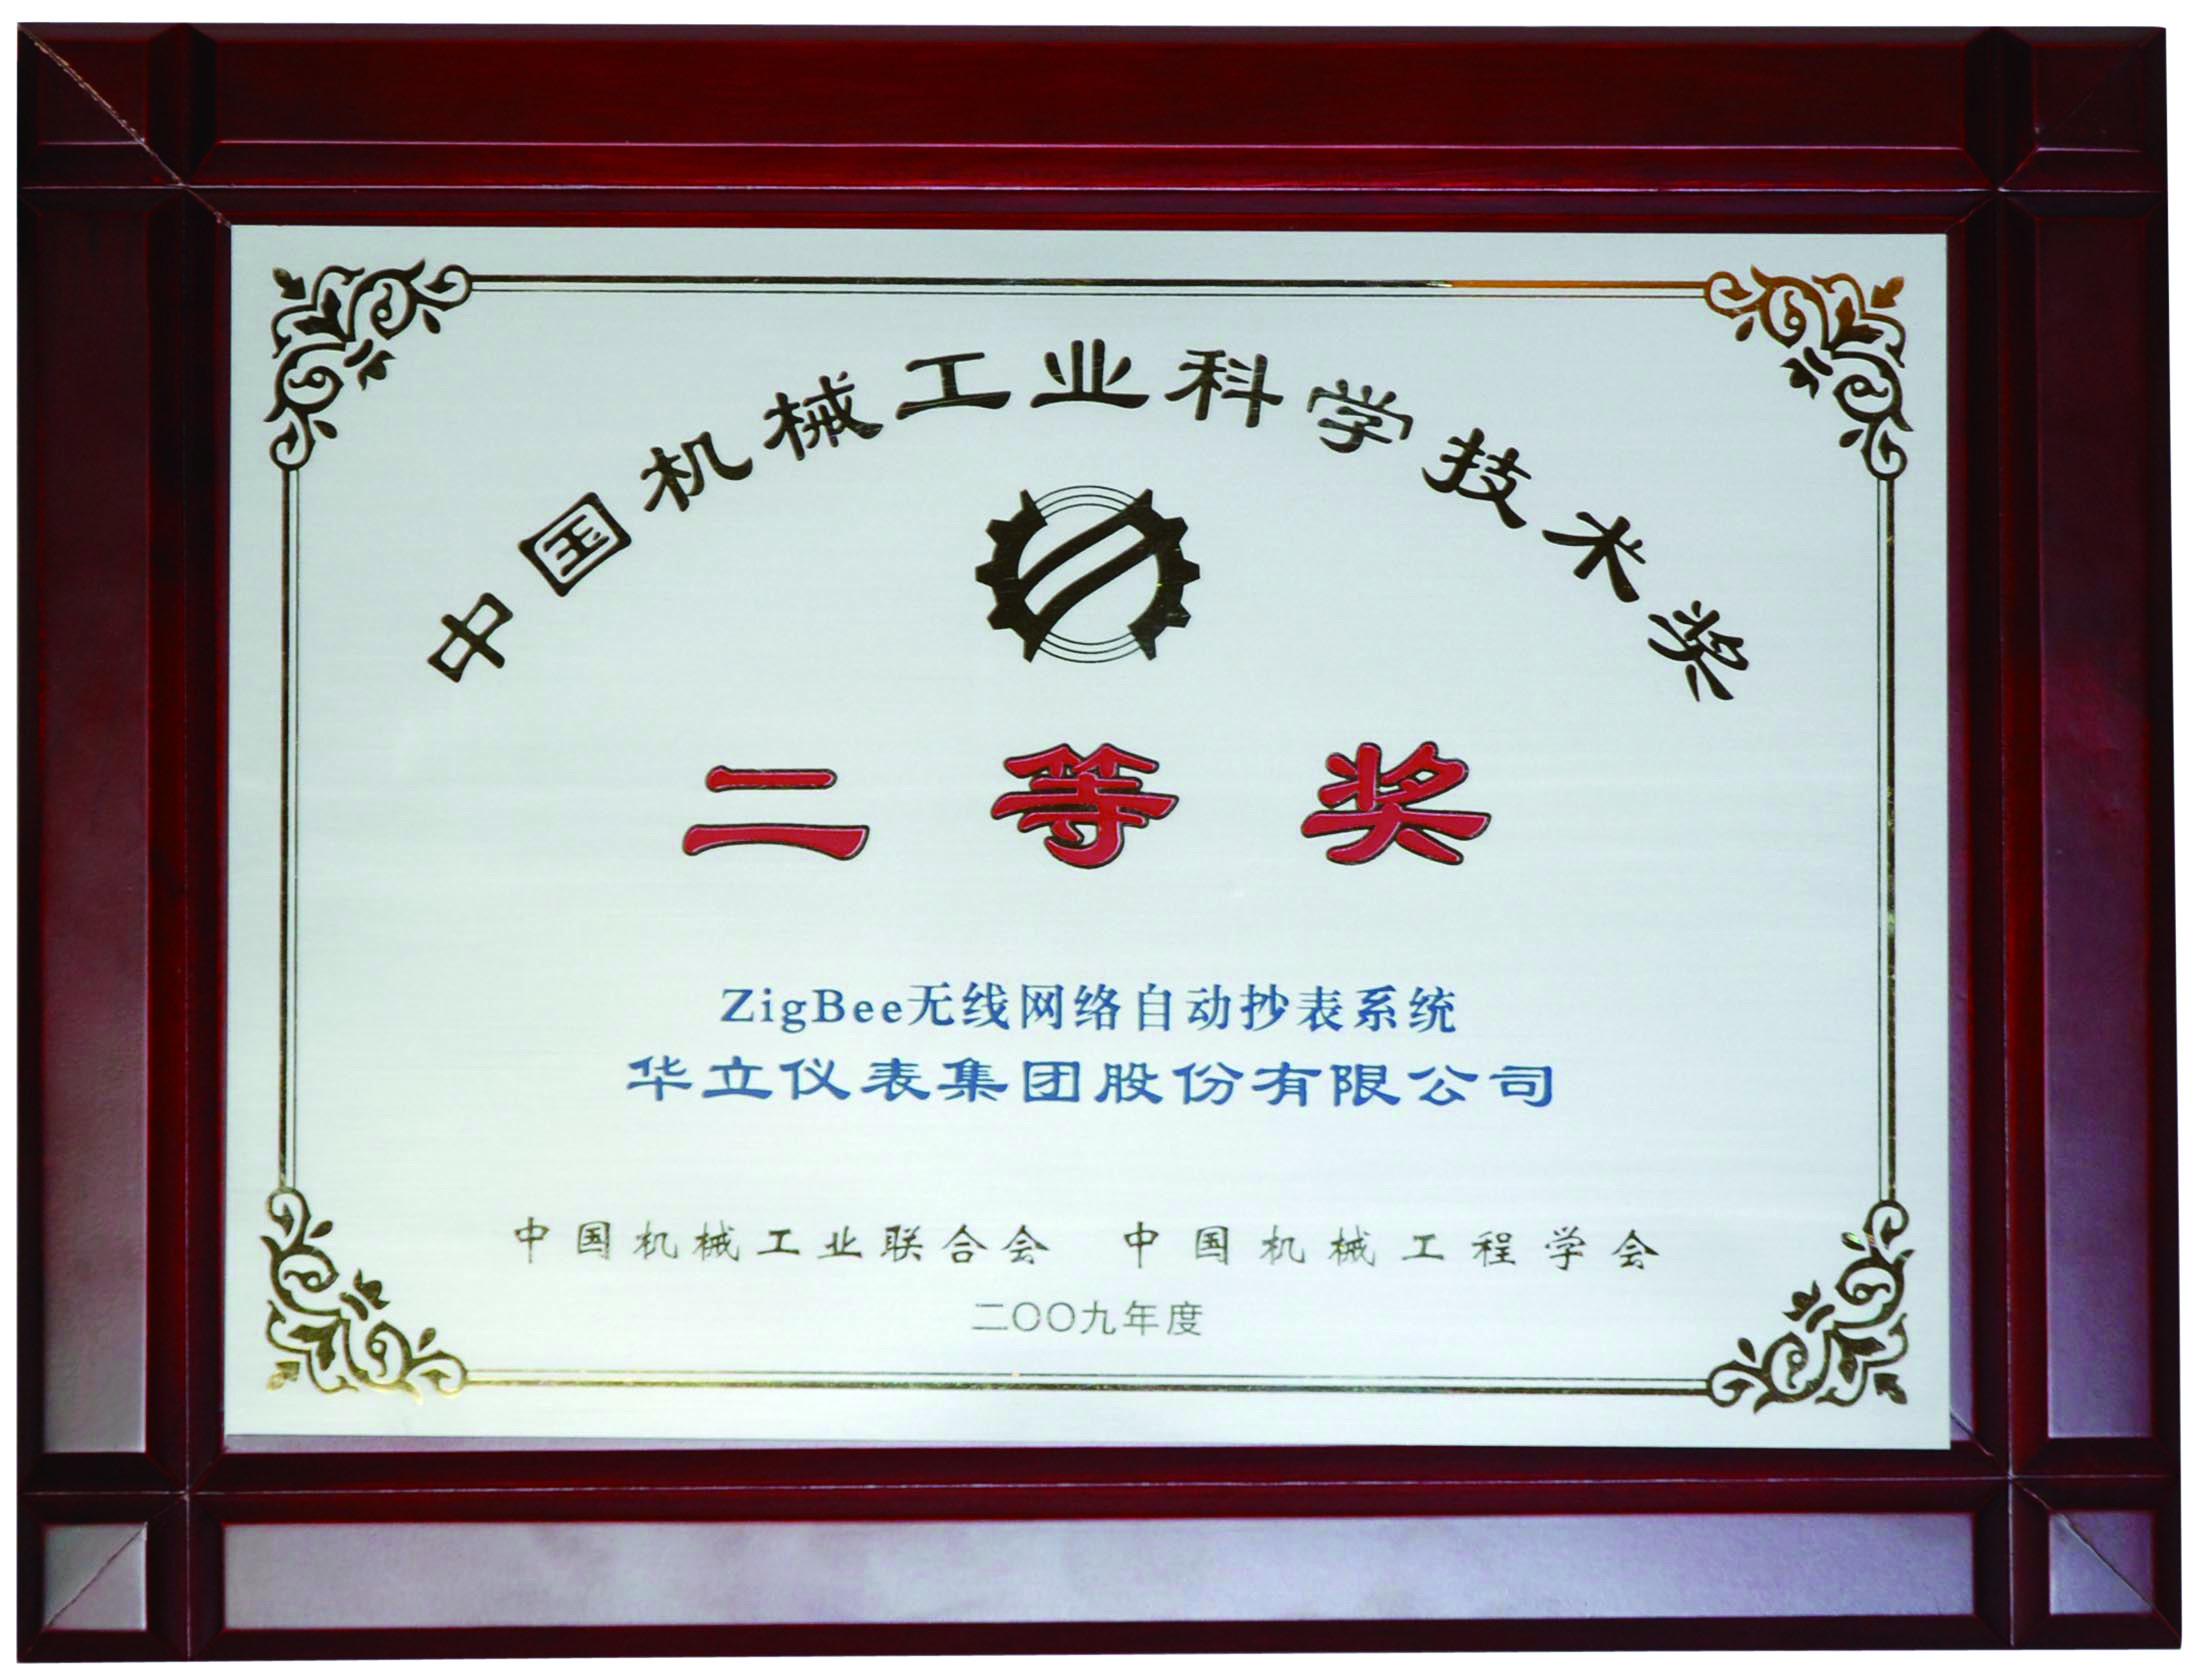 年度中国机械工业科学技术奖二等奖奖牌